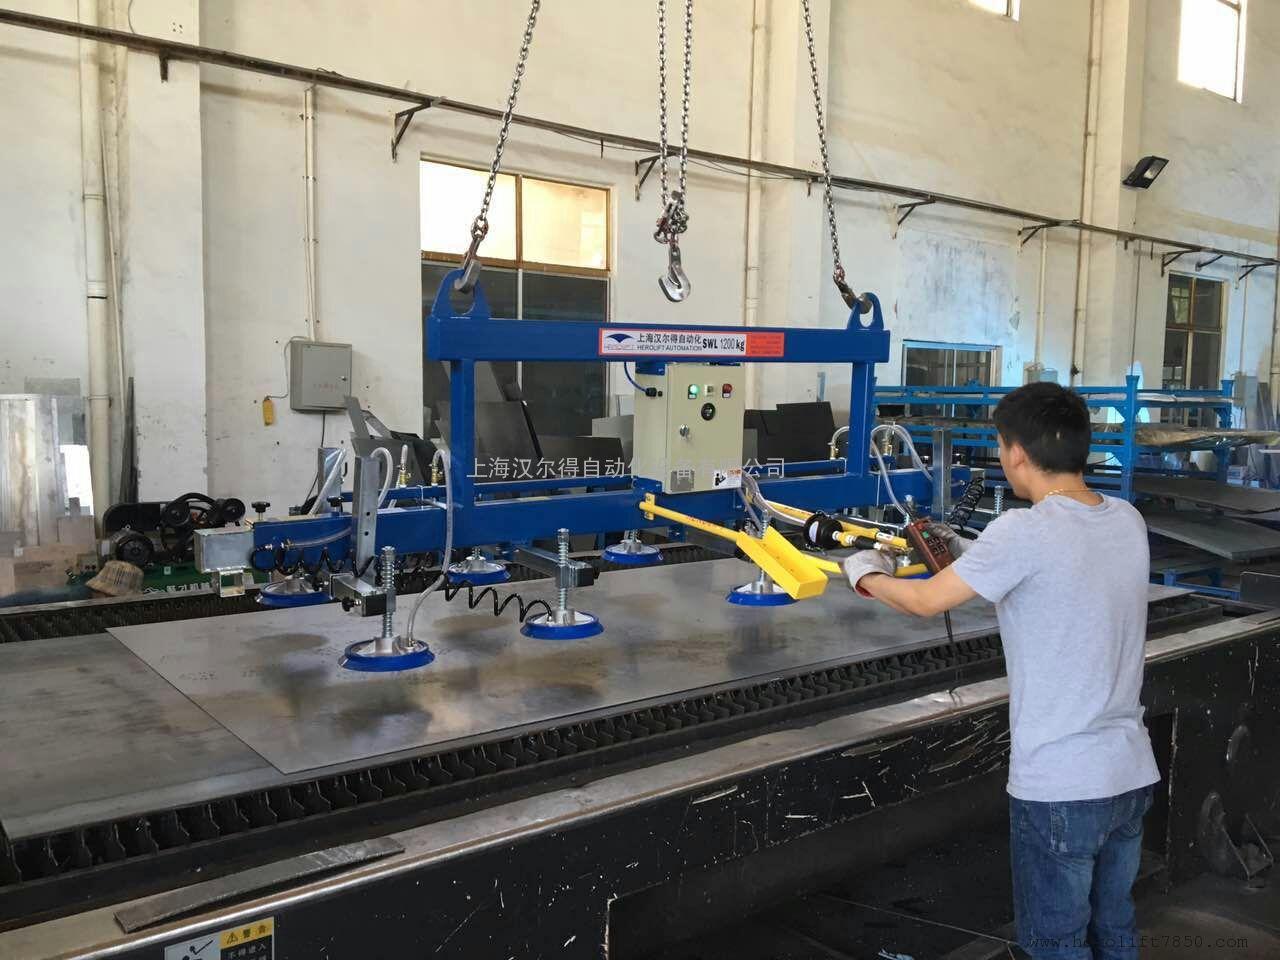 6米激光切割台面配套上料吸盘吊具、伸缩式真空吸吊机